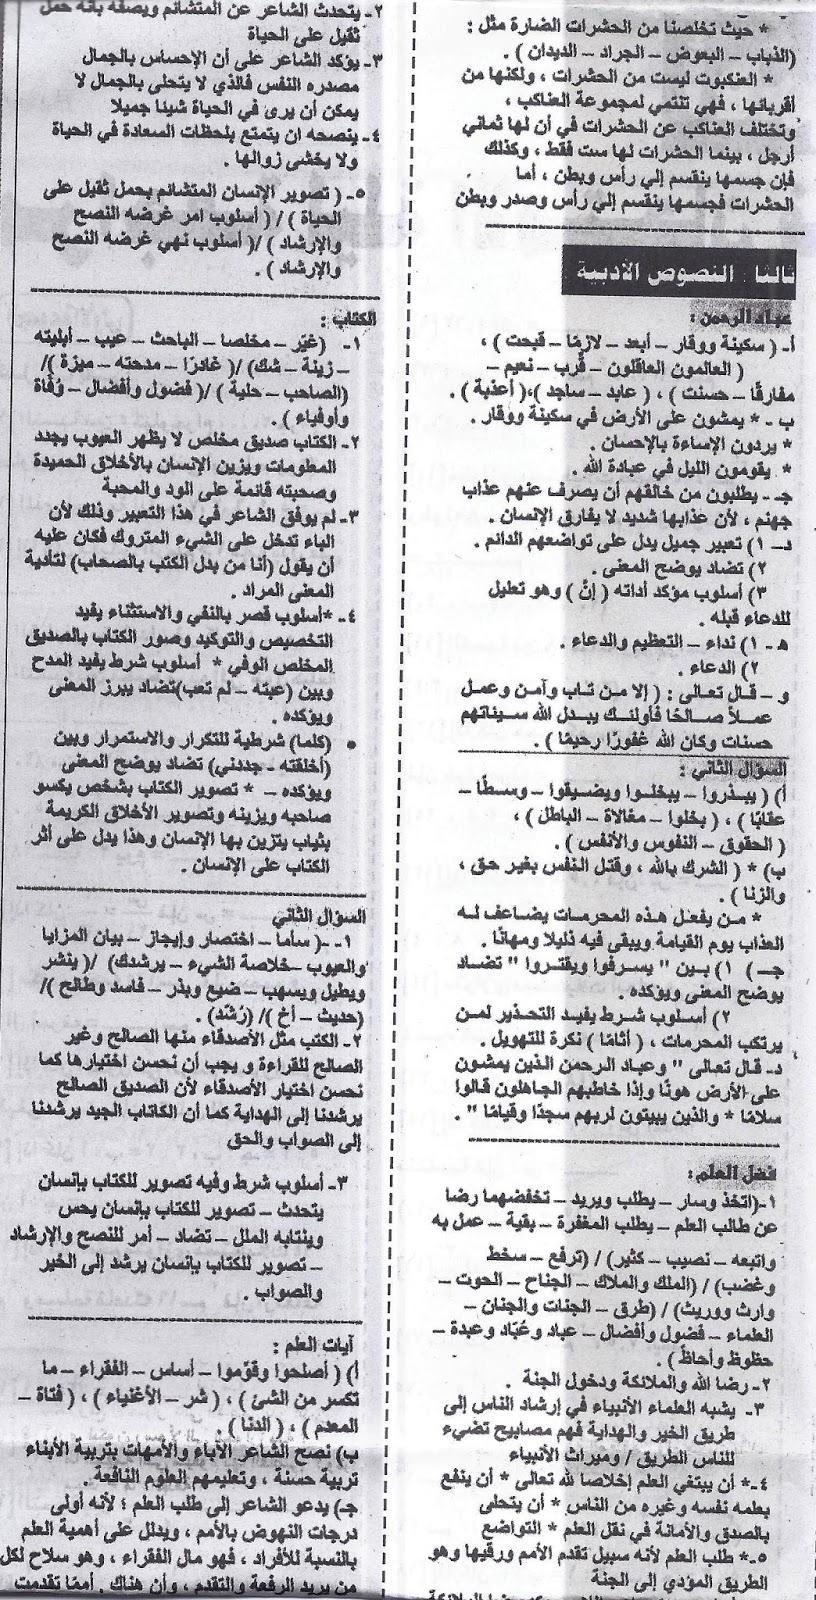 اهم توقعات خبراء الامتحانات فى اللغة العربية ... للشهادة الاعدادية - ملحق الجمهورية 16/1/2016 Scan0010